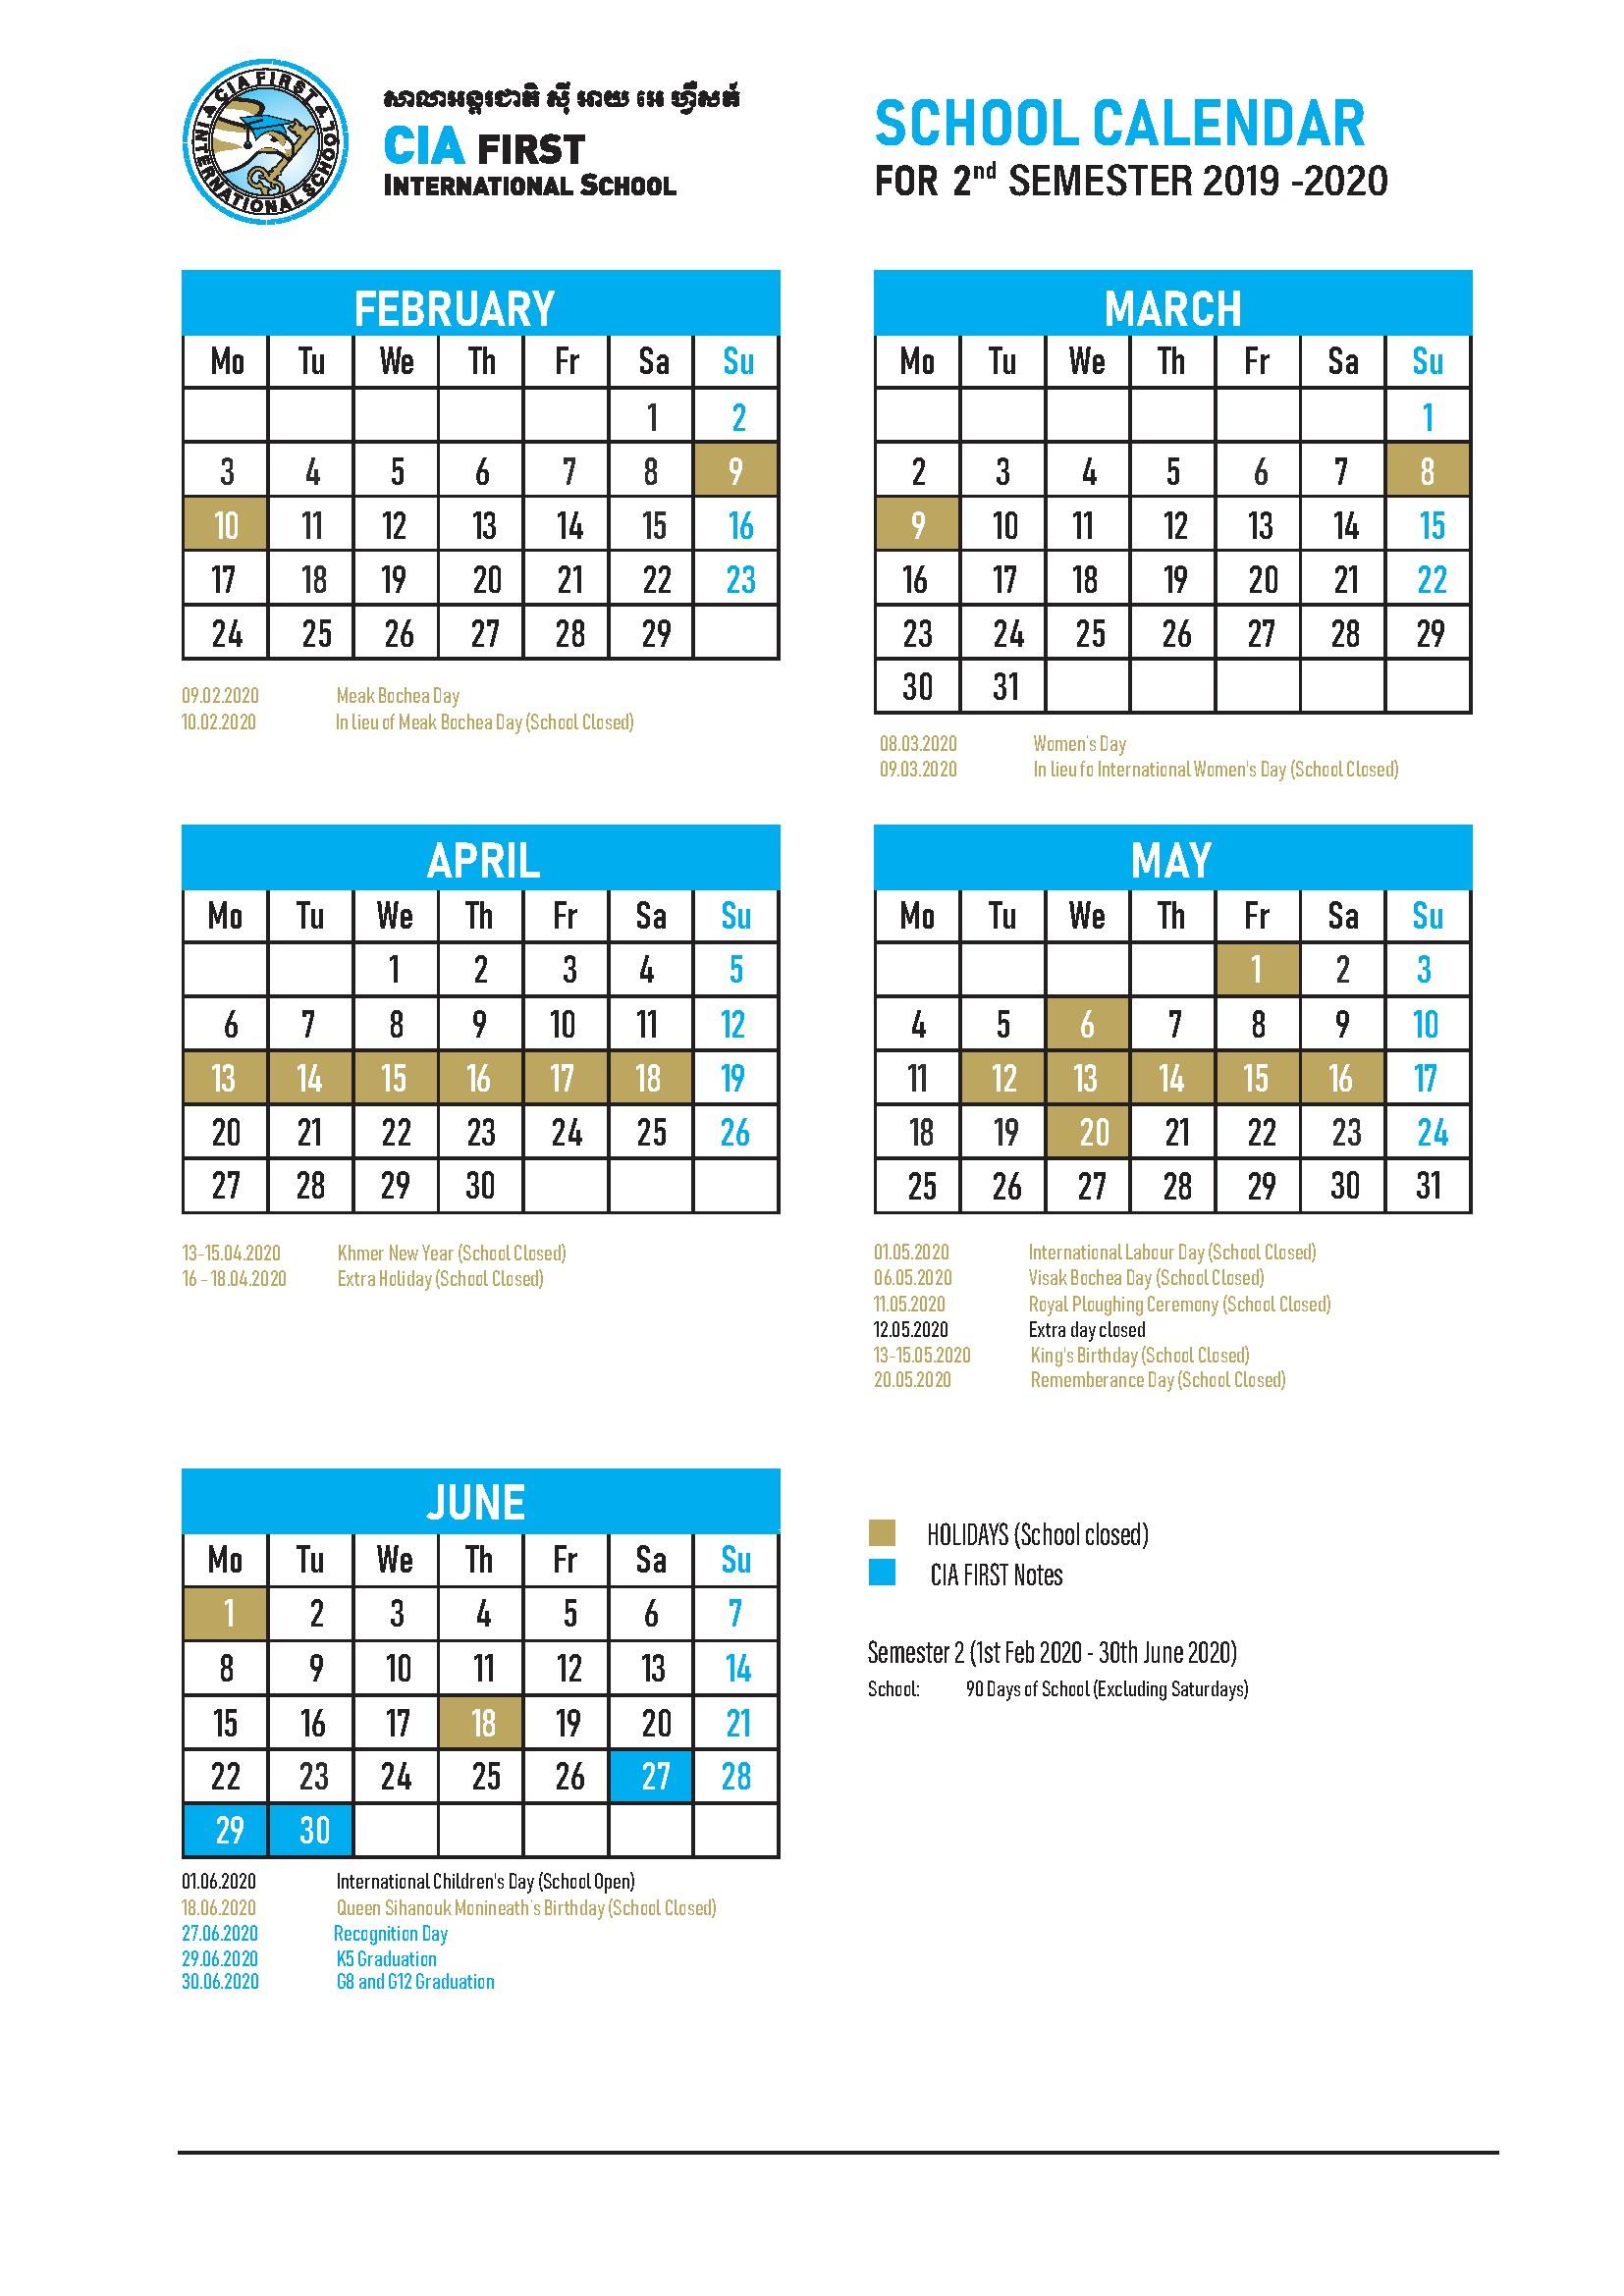 calendar 2nd semester 19 20 PNG